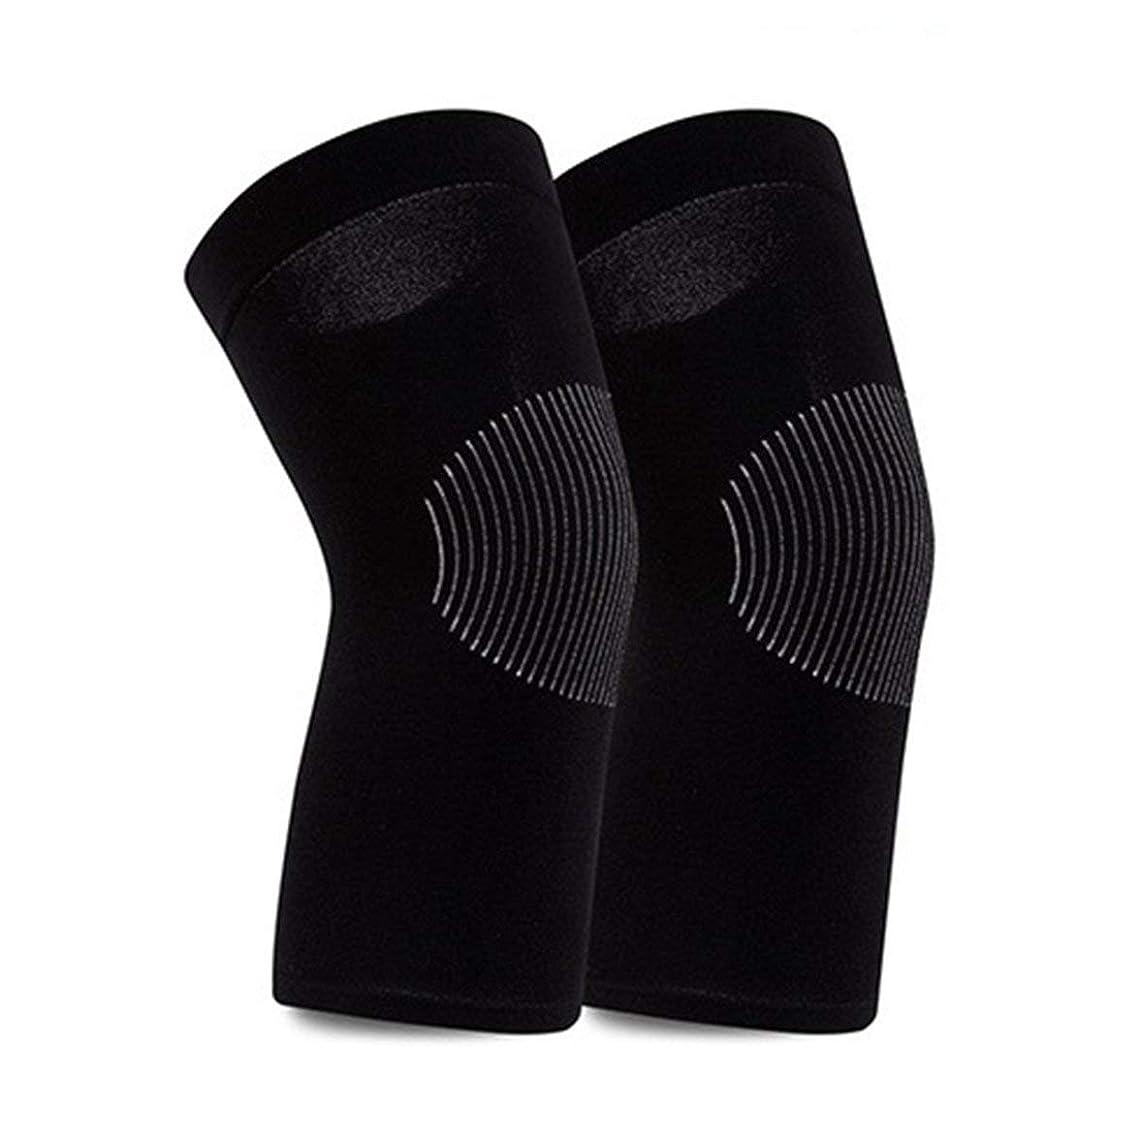 電話をかけるぐるぐる大陸ナイロン膝編みの極薄膝パッド-ブラック